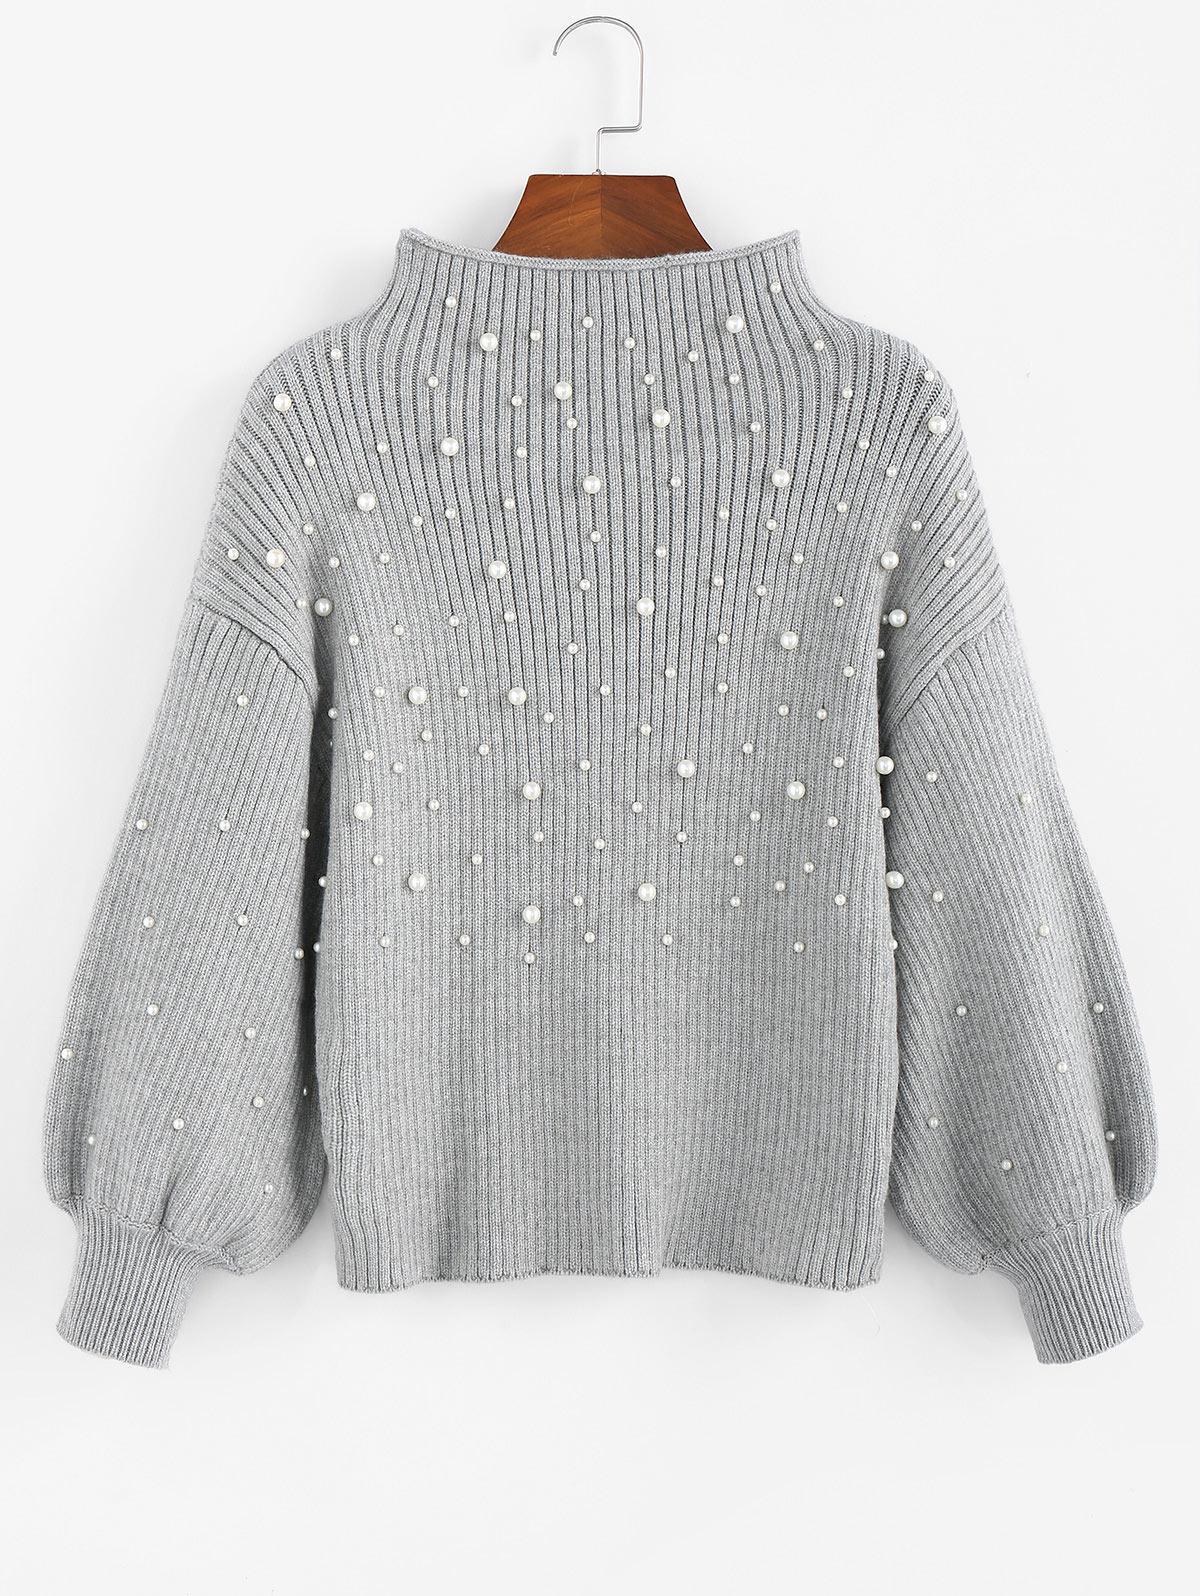 ZAFUL Beading Mock Neck Lantern Sleeve Sweater